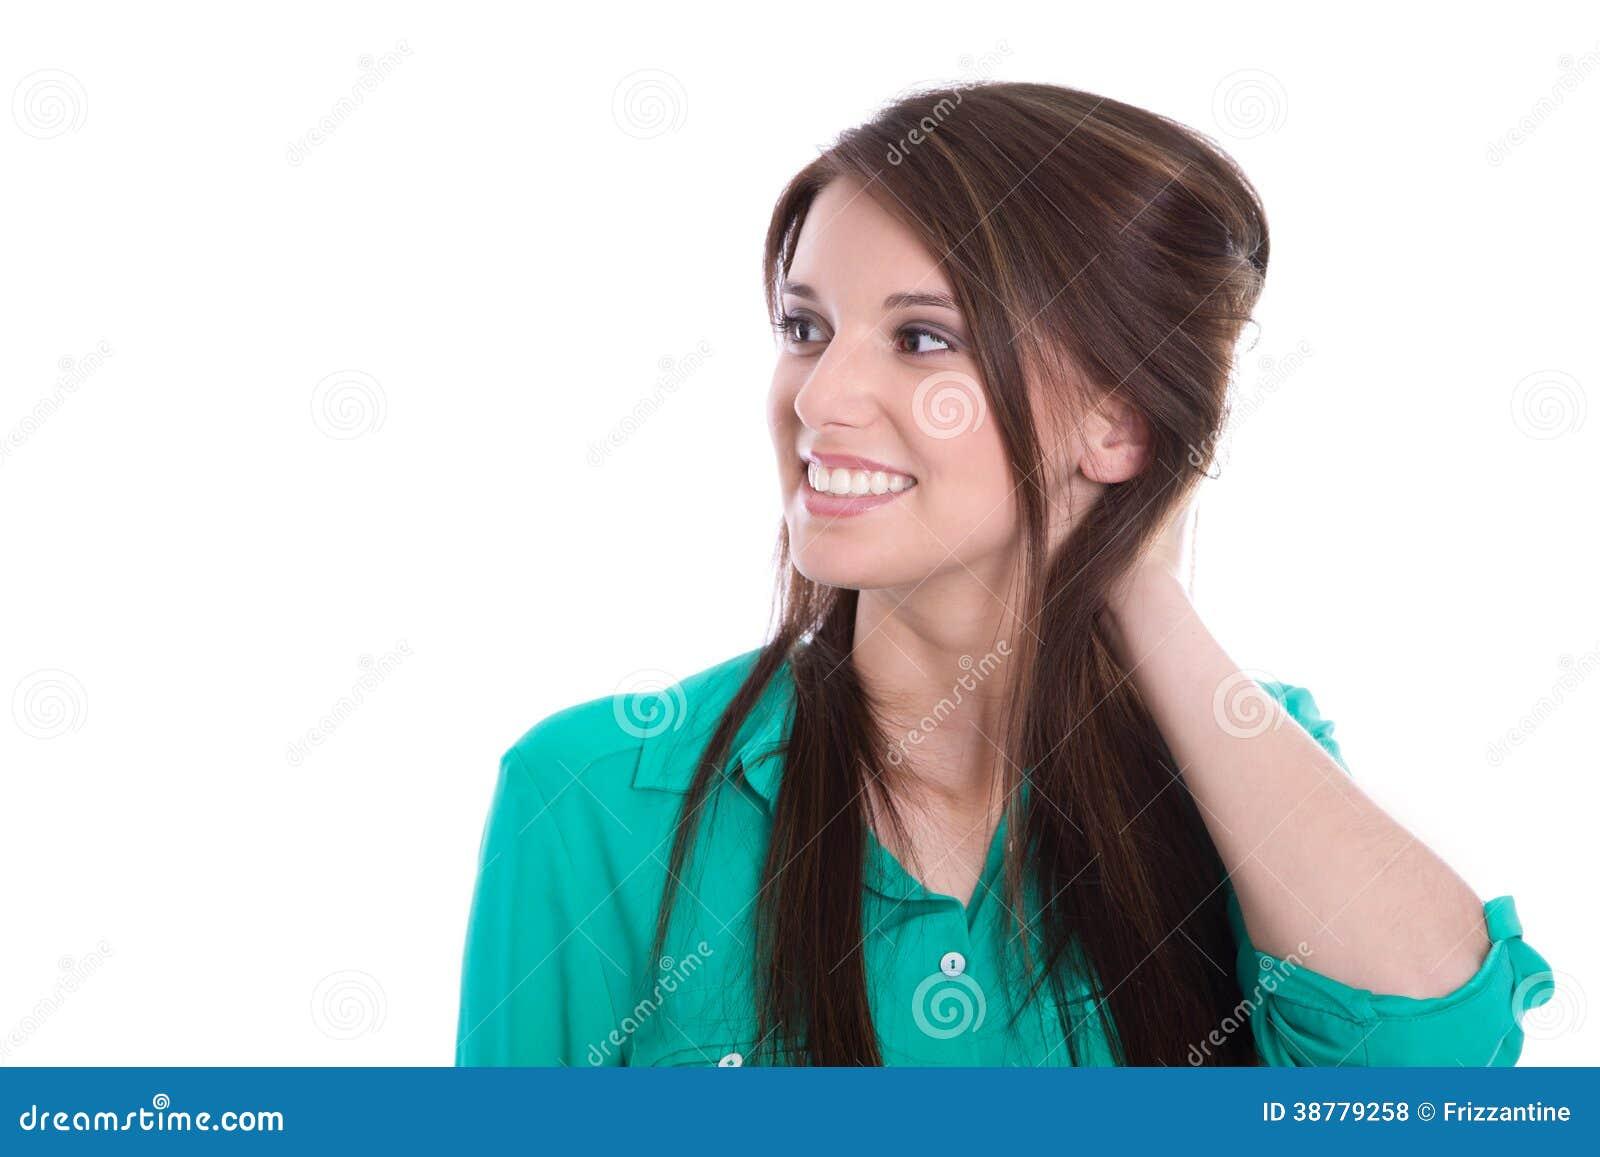 Chica joven feliz en verde aislada en blanco.